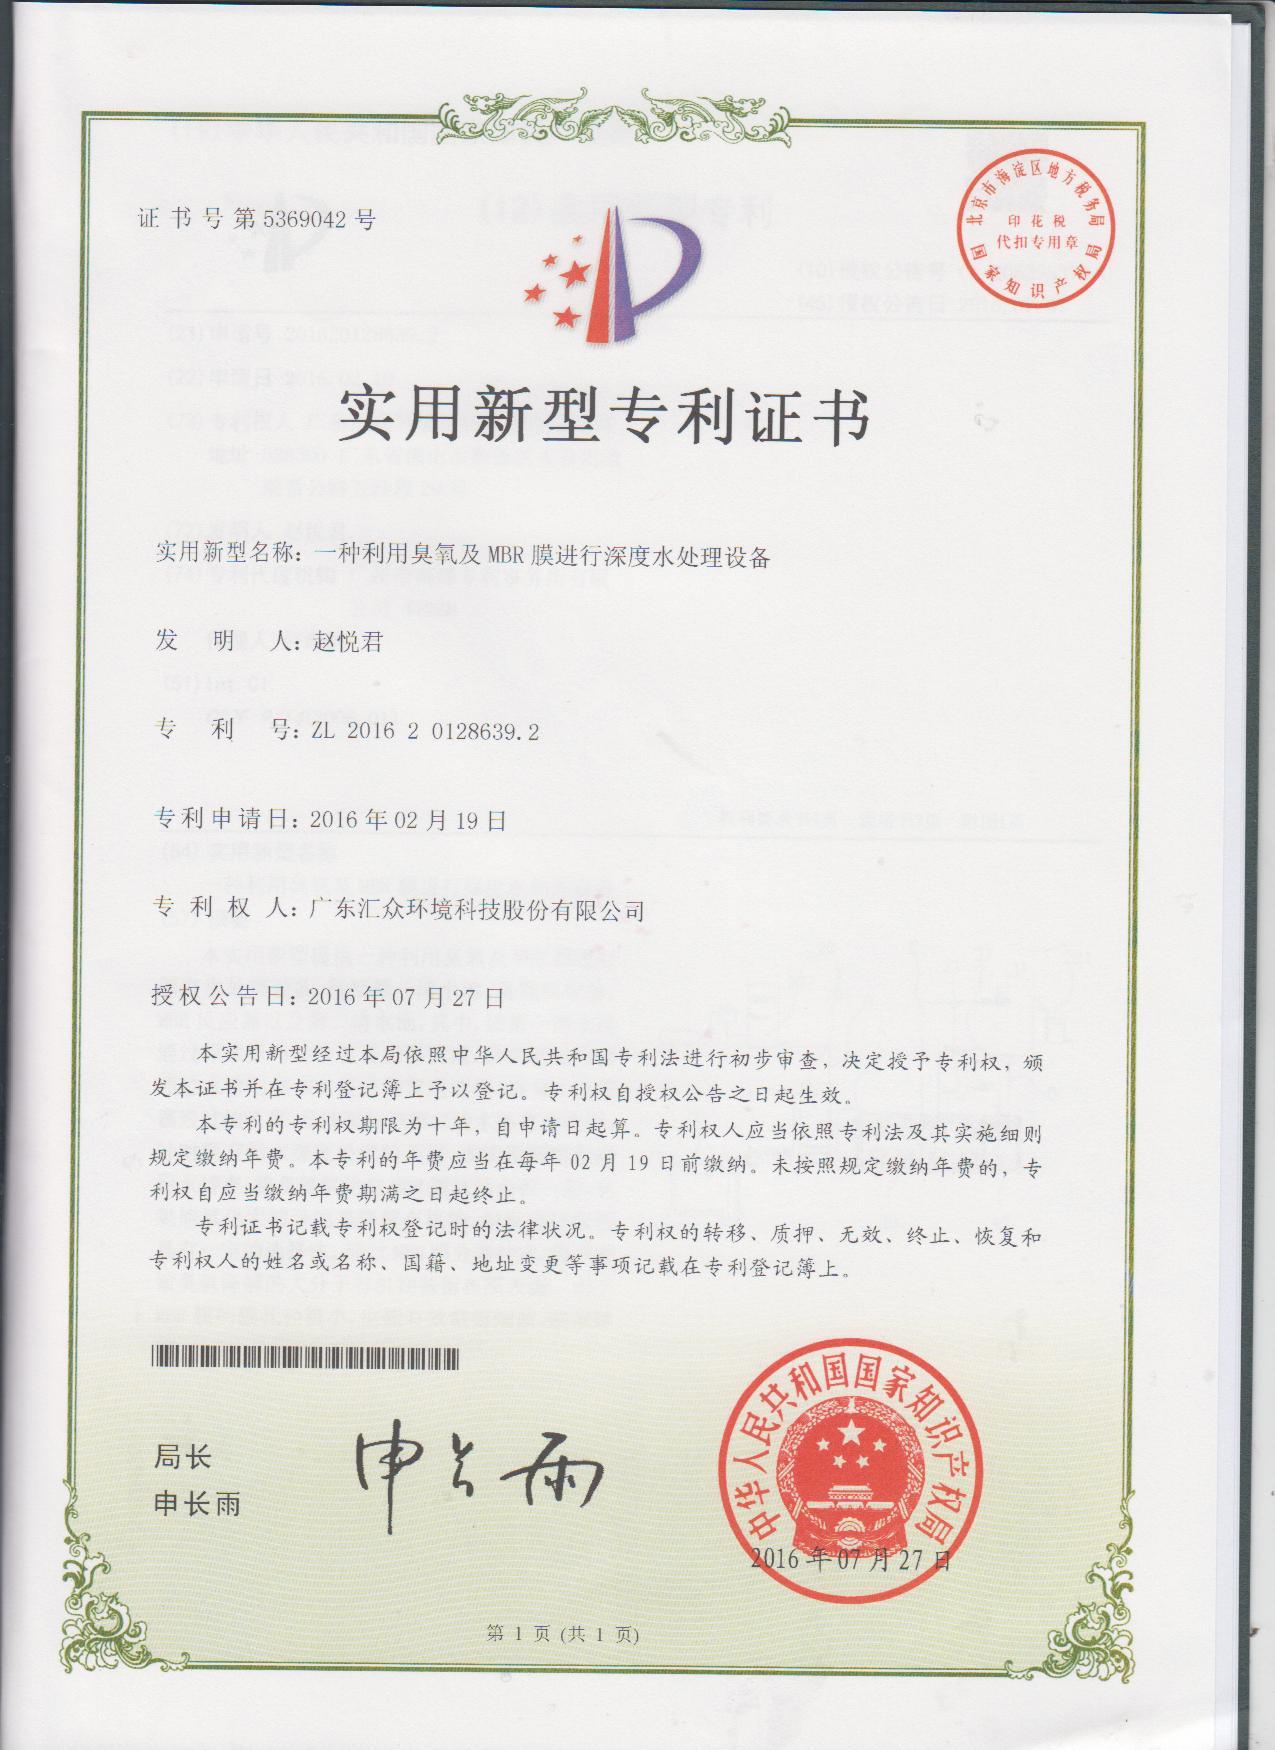 利用臭氧及MBR膜进行深度水处理设备专利证书